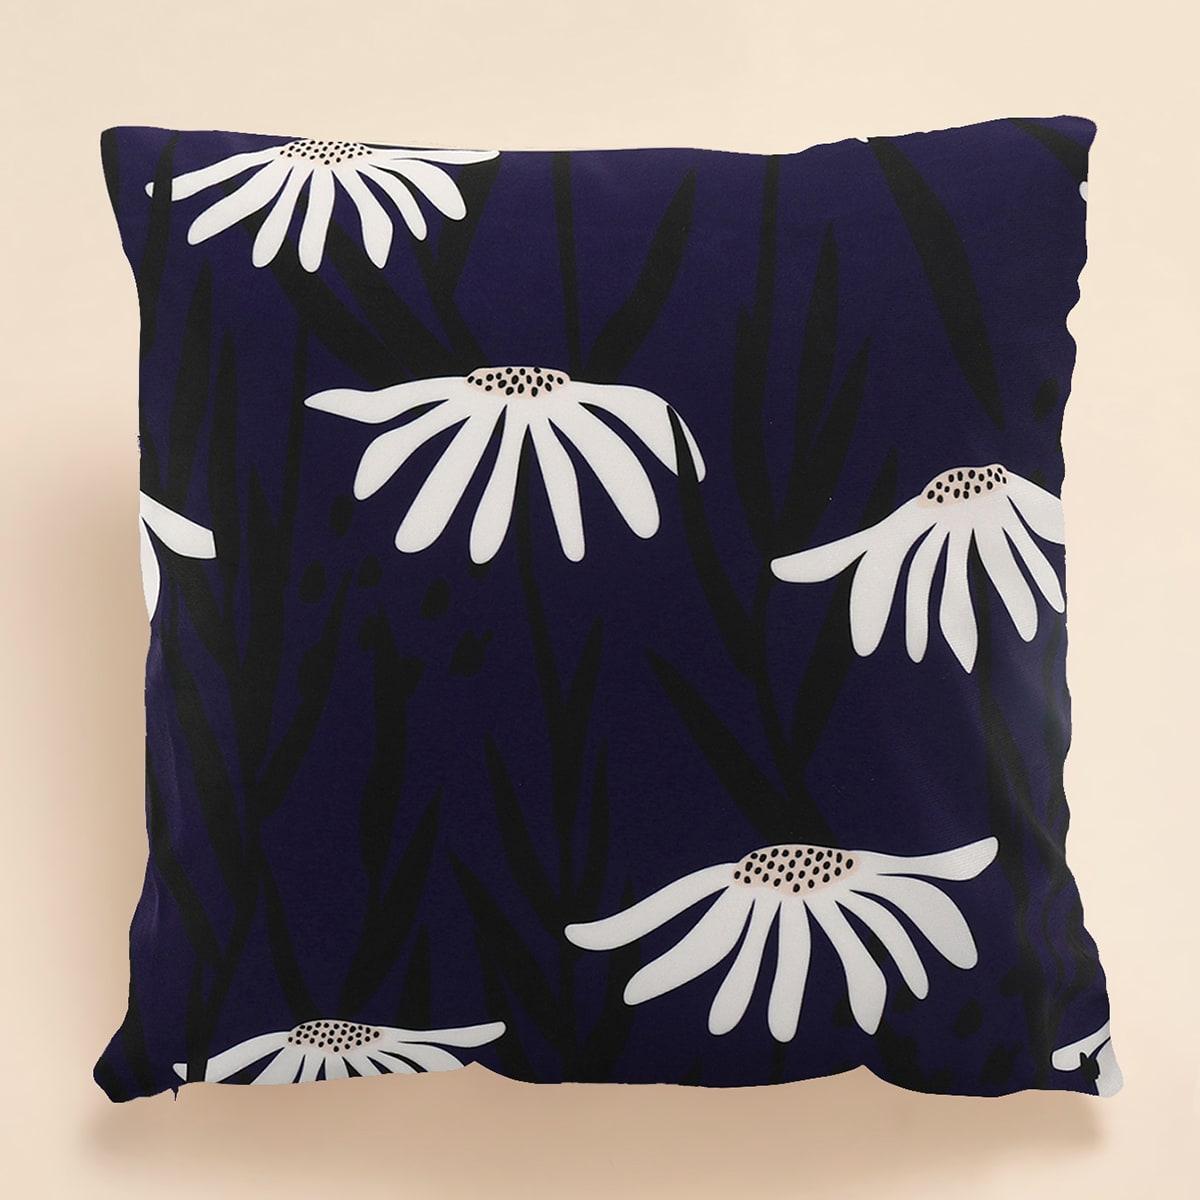 Чехол для подушки с цветочным принтом без наполнителя фото